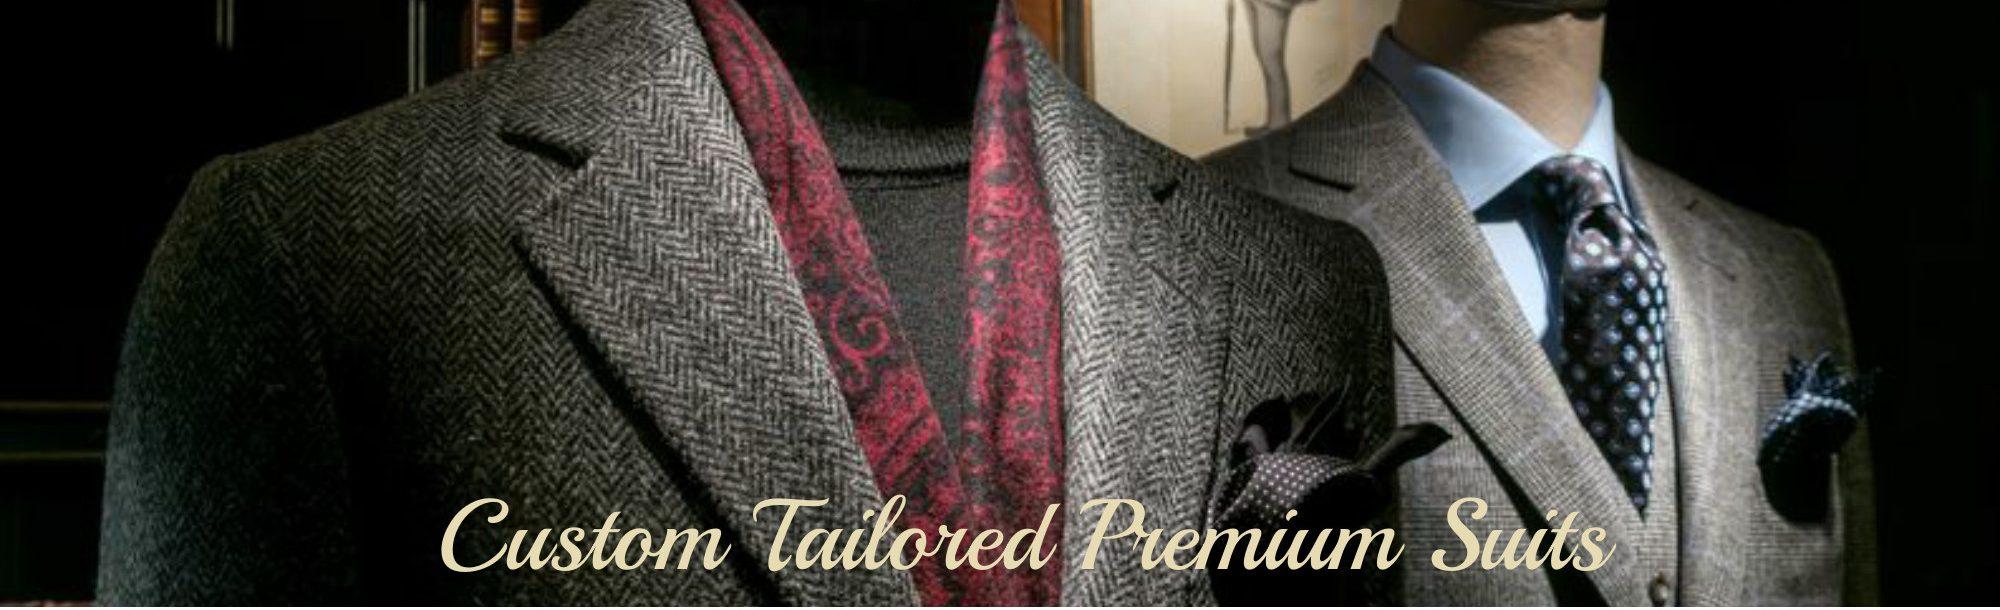 mens suit tailors, gents suit tailor, online custom tailor, online suit tailor, suit tailor online, best tailor online, men suit tailor in